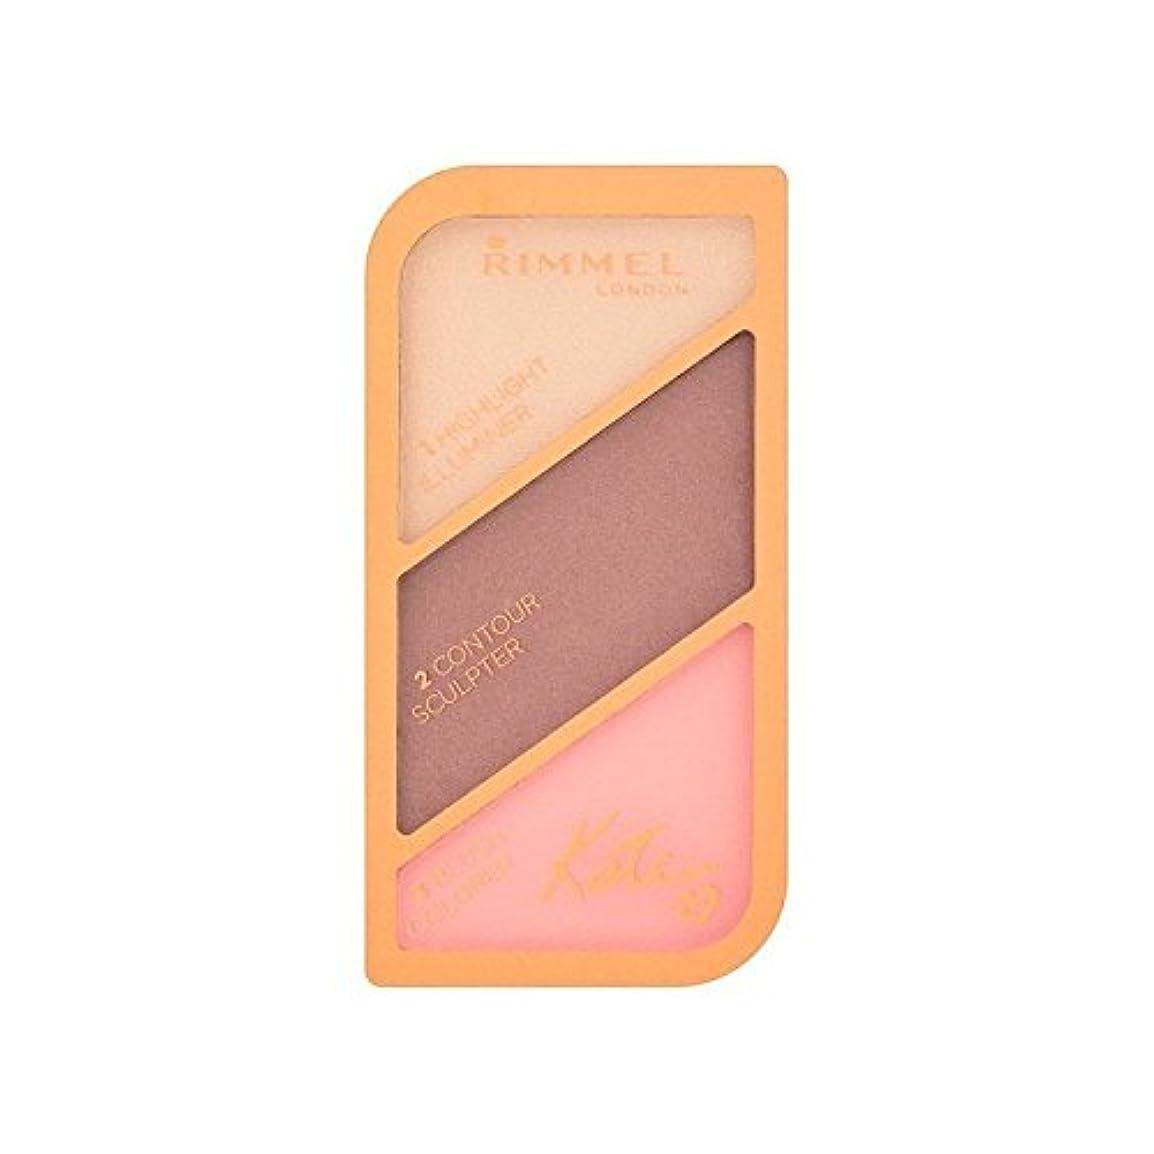 ペリスコープ発表事リンメルケイト?モスの彫刻パレット黄金のブロンズ003 x4 - Rimmel Kate Moss Sculpting Palette Golden Bronze 003 (Pack of 4) [並行輸入品]